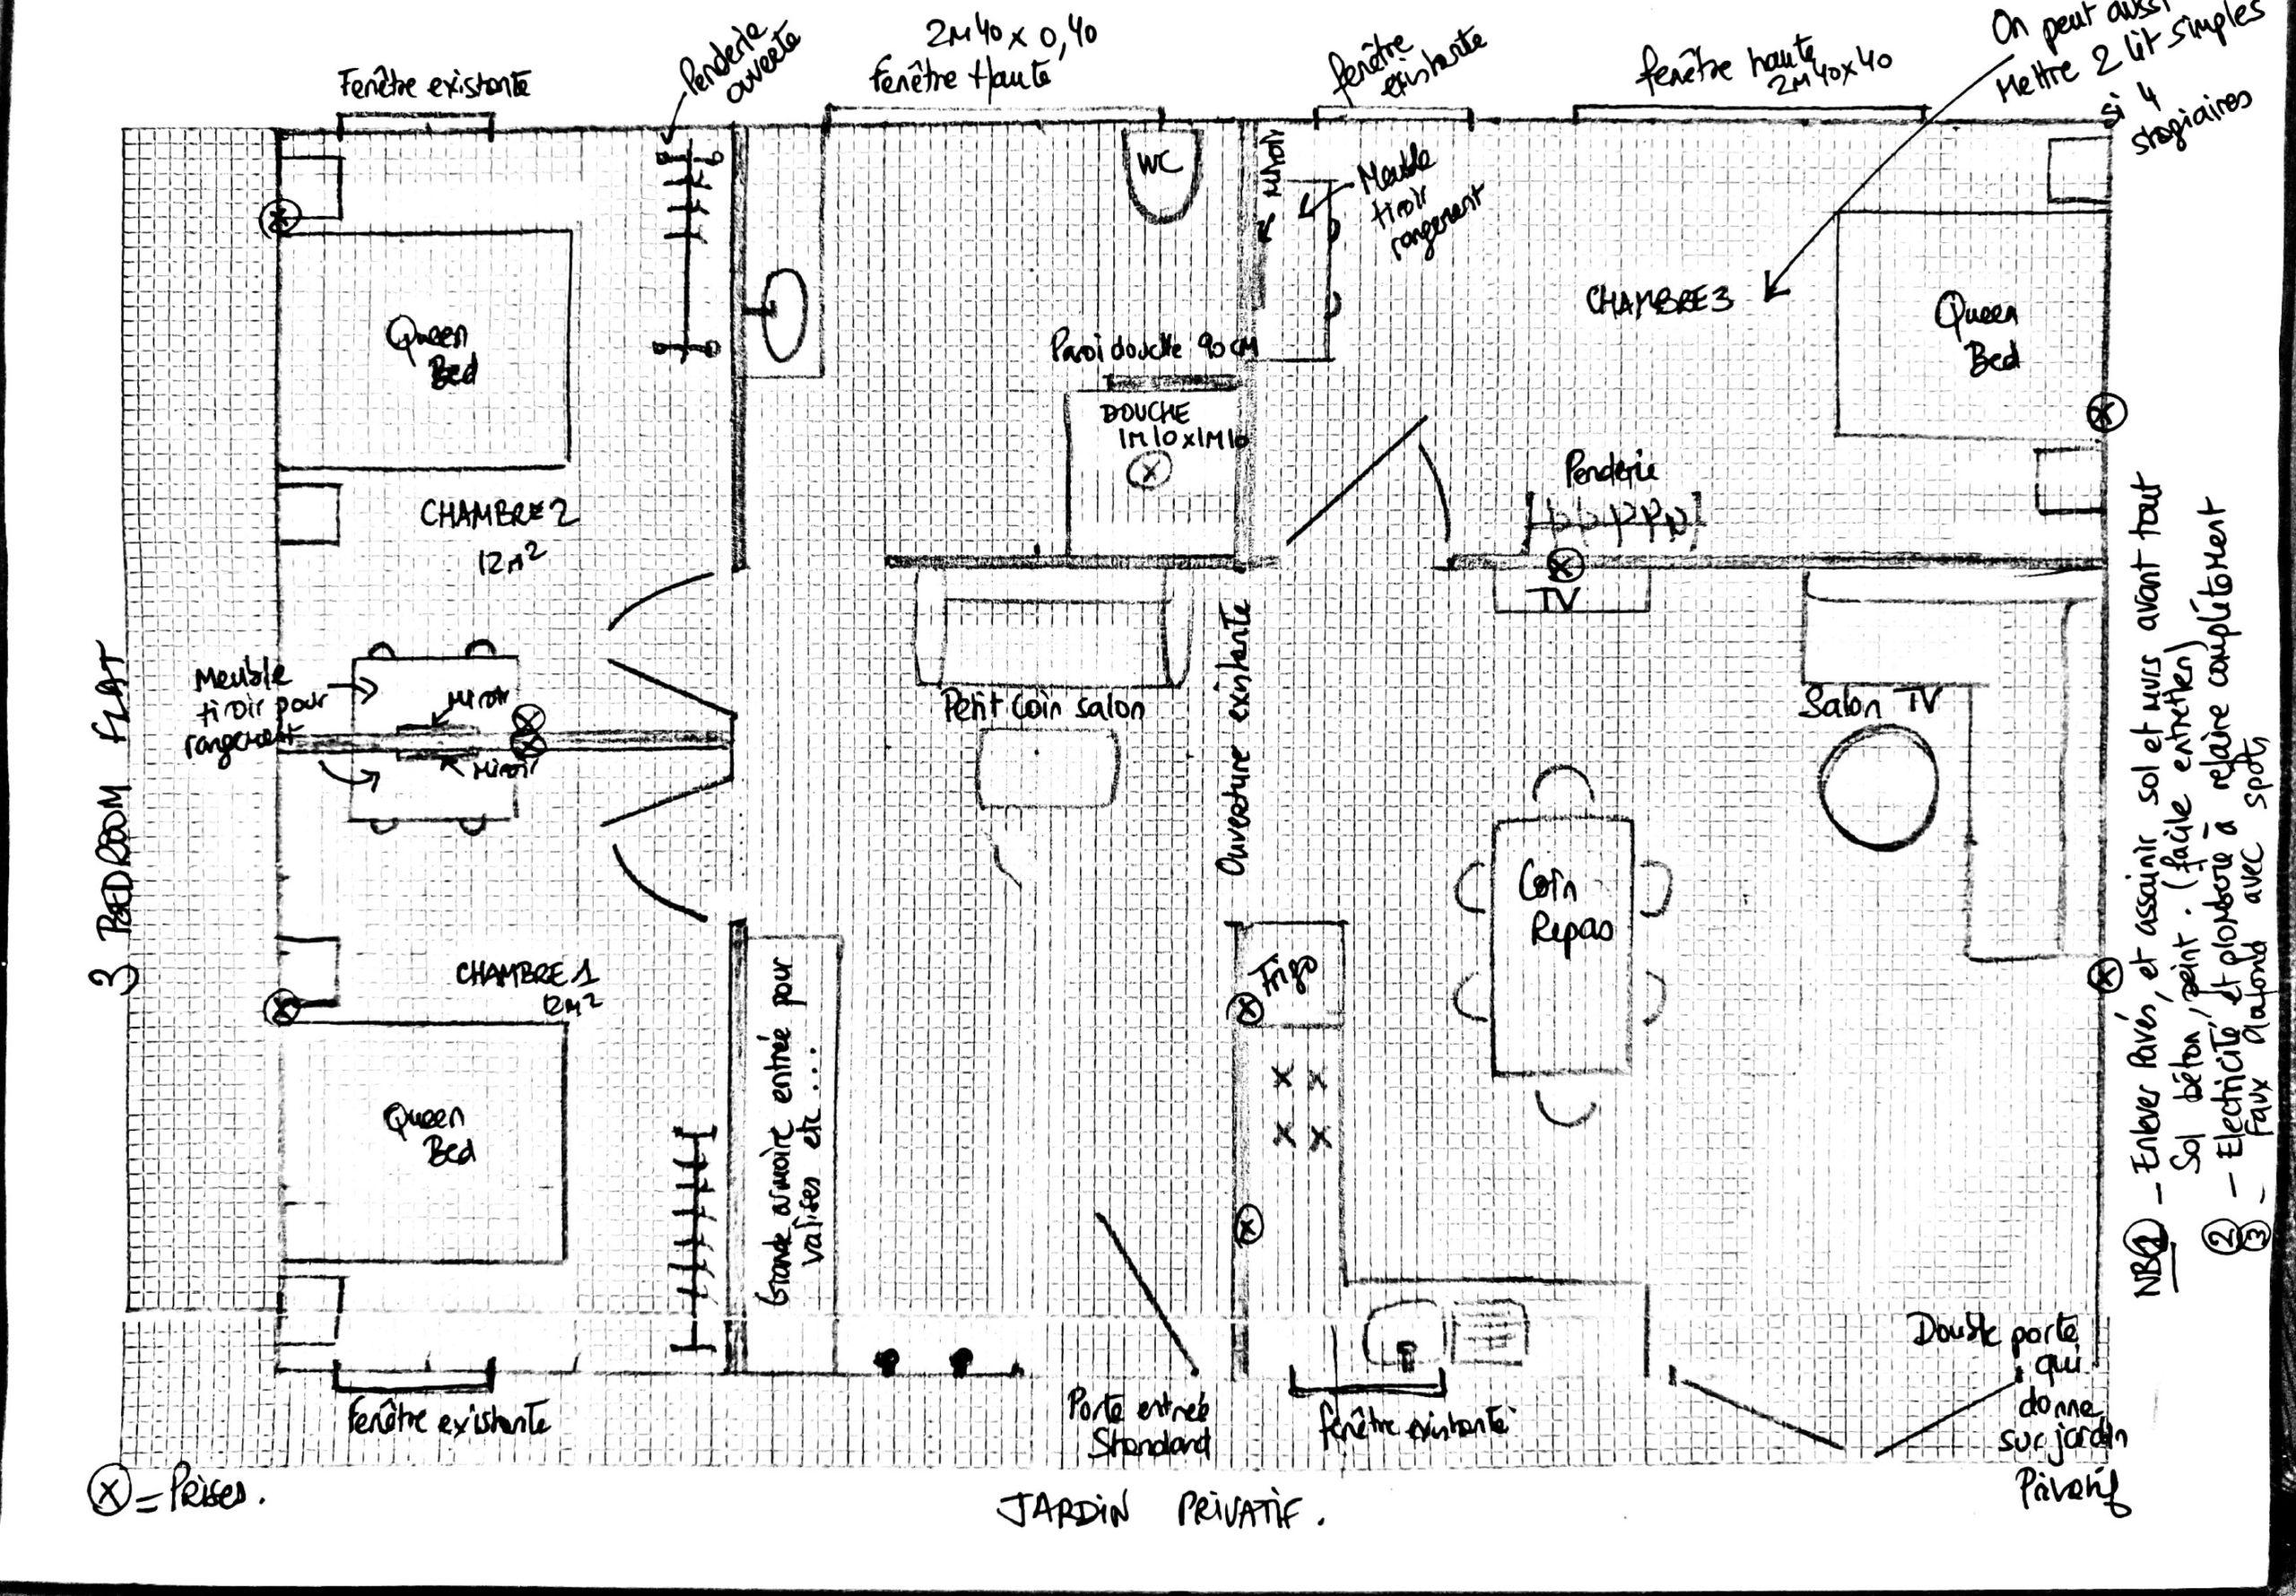 Home design services - Hermitage Stellnbosch